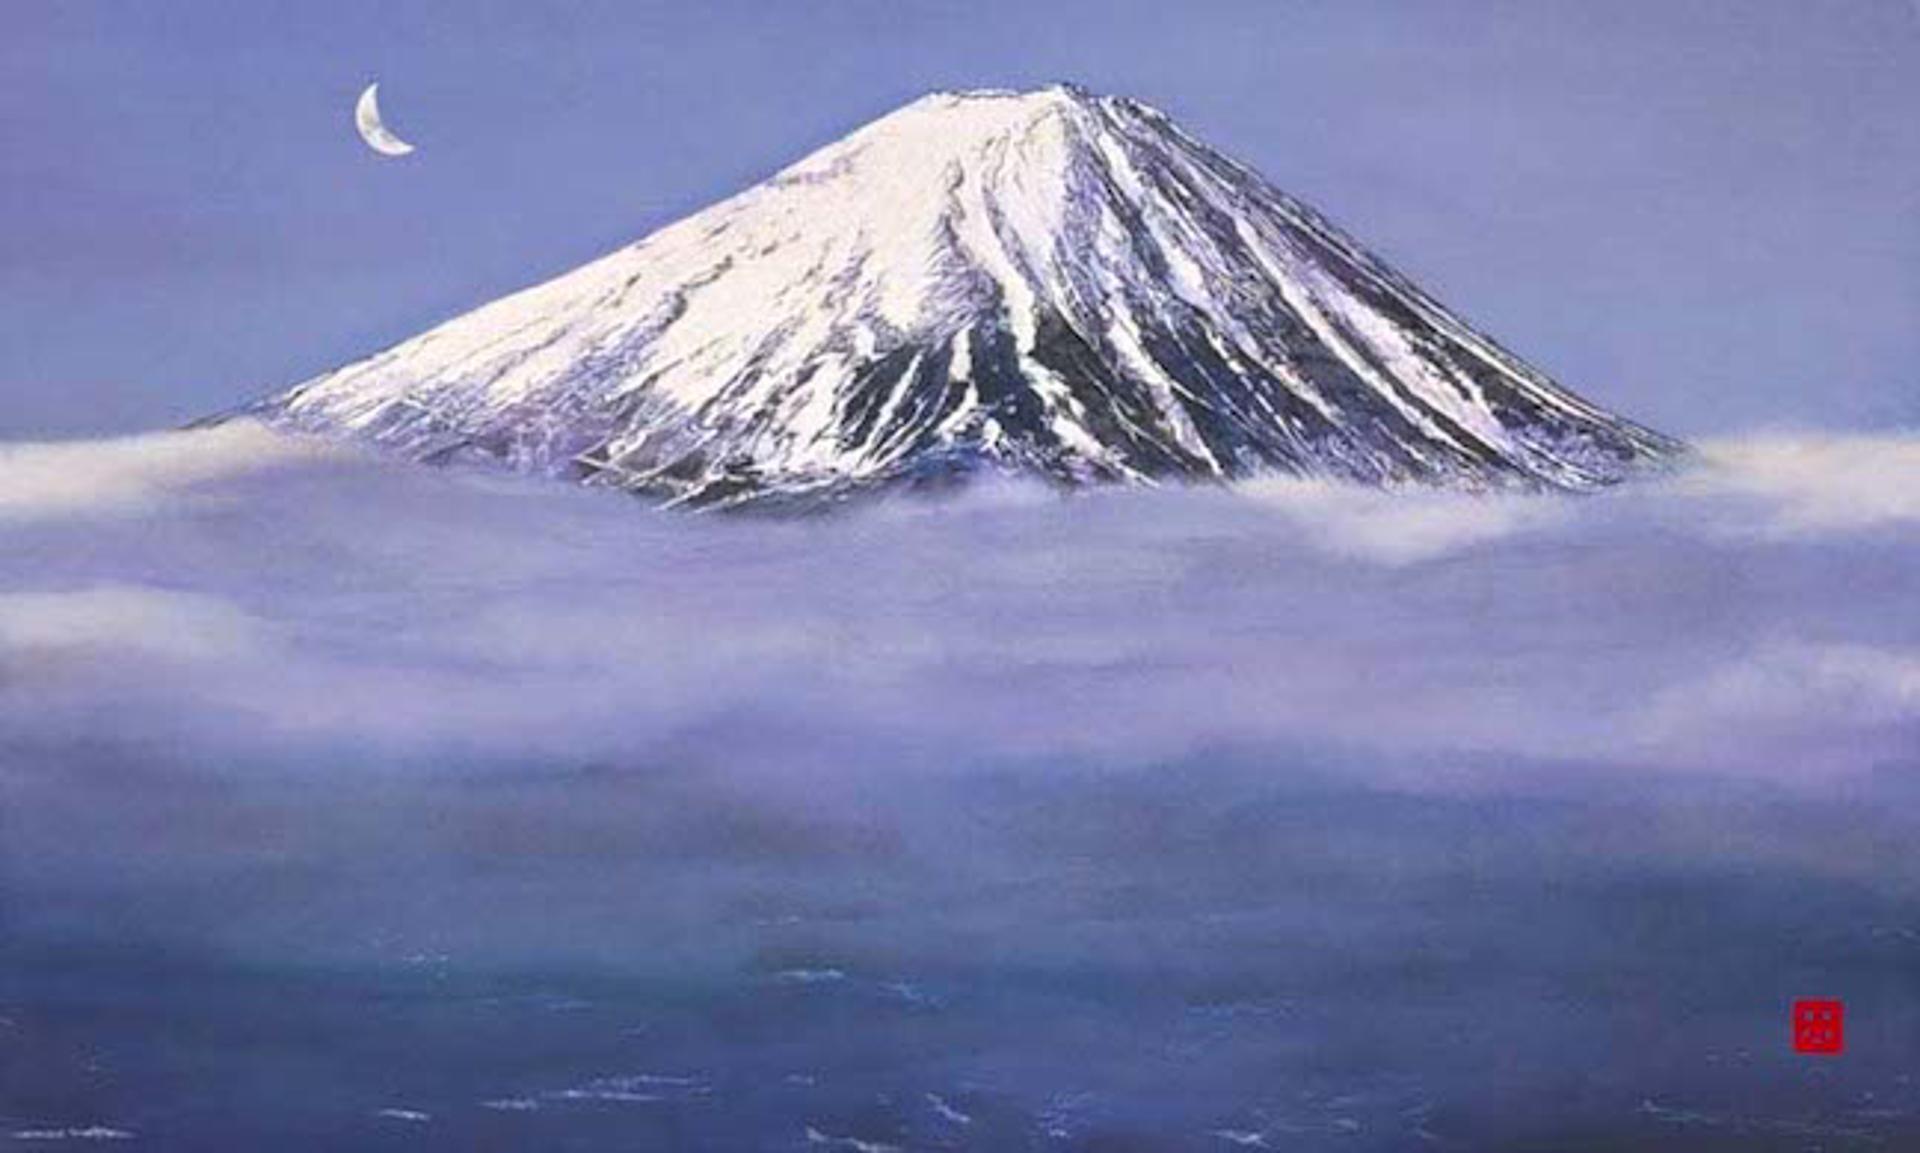 Crescent Moon Over Mt Fuji by Hisashi Otsuka